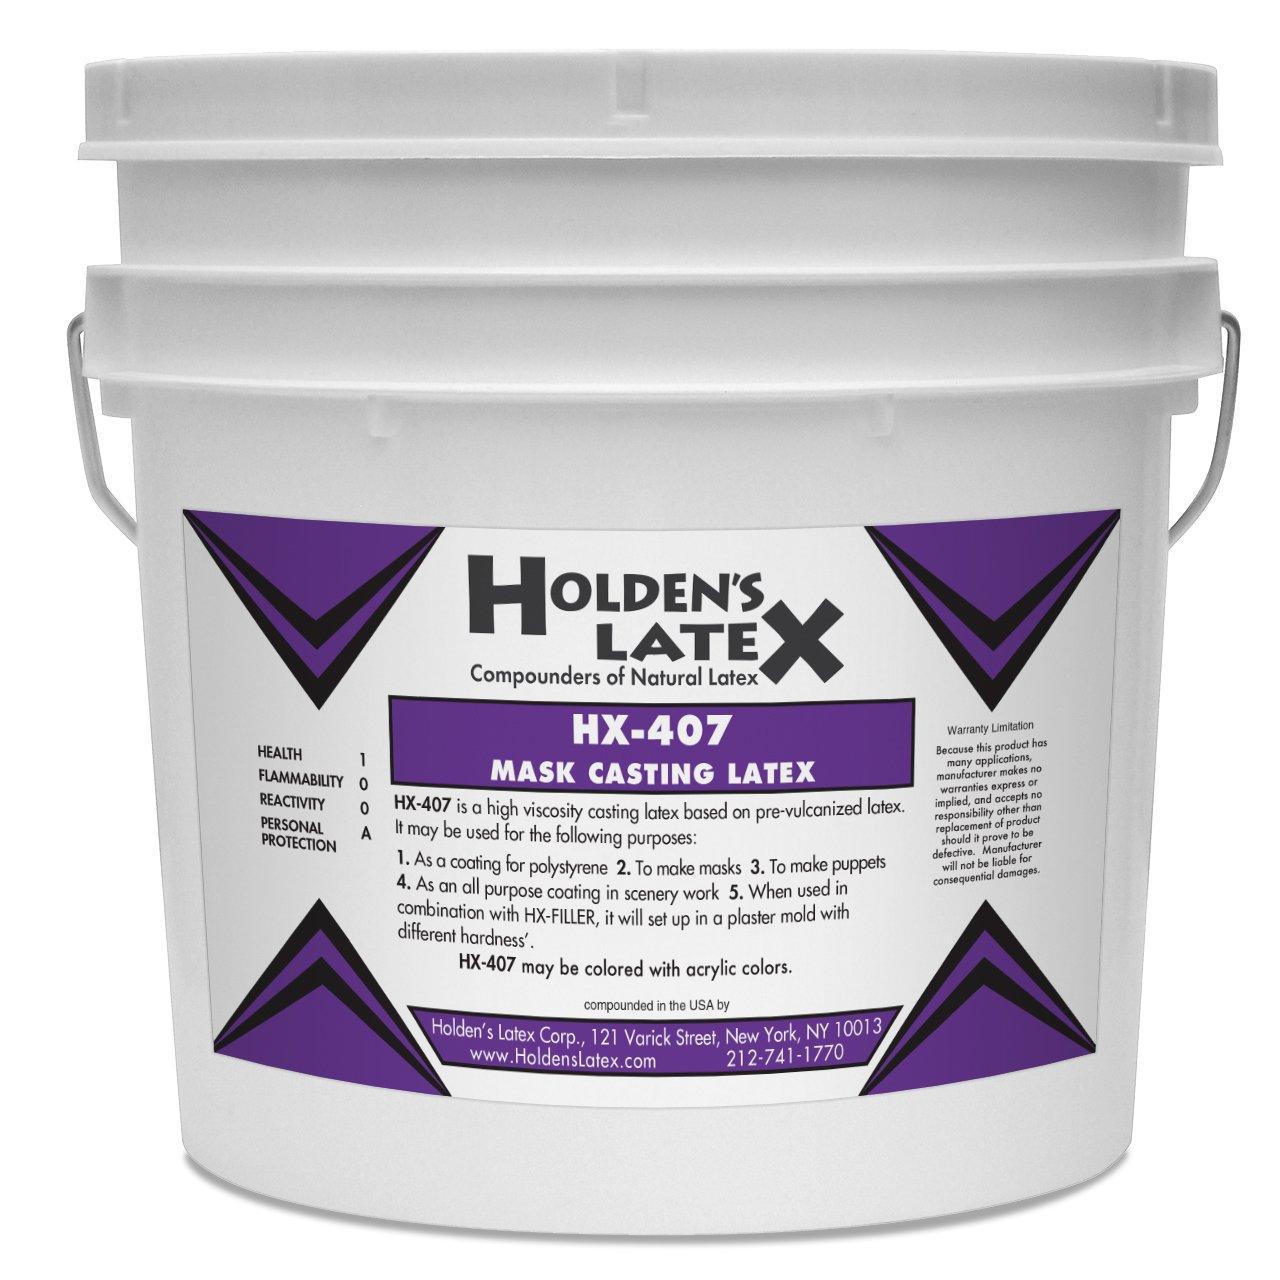 HX-407 Mask Making & Casting Latex (Gallon)